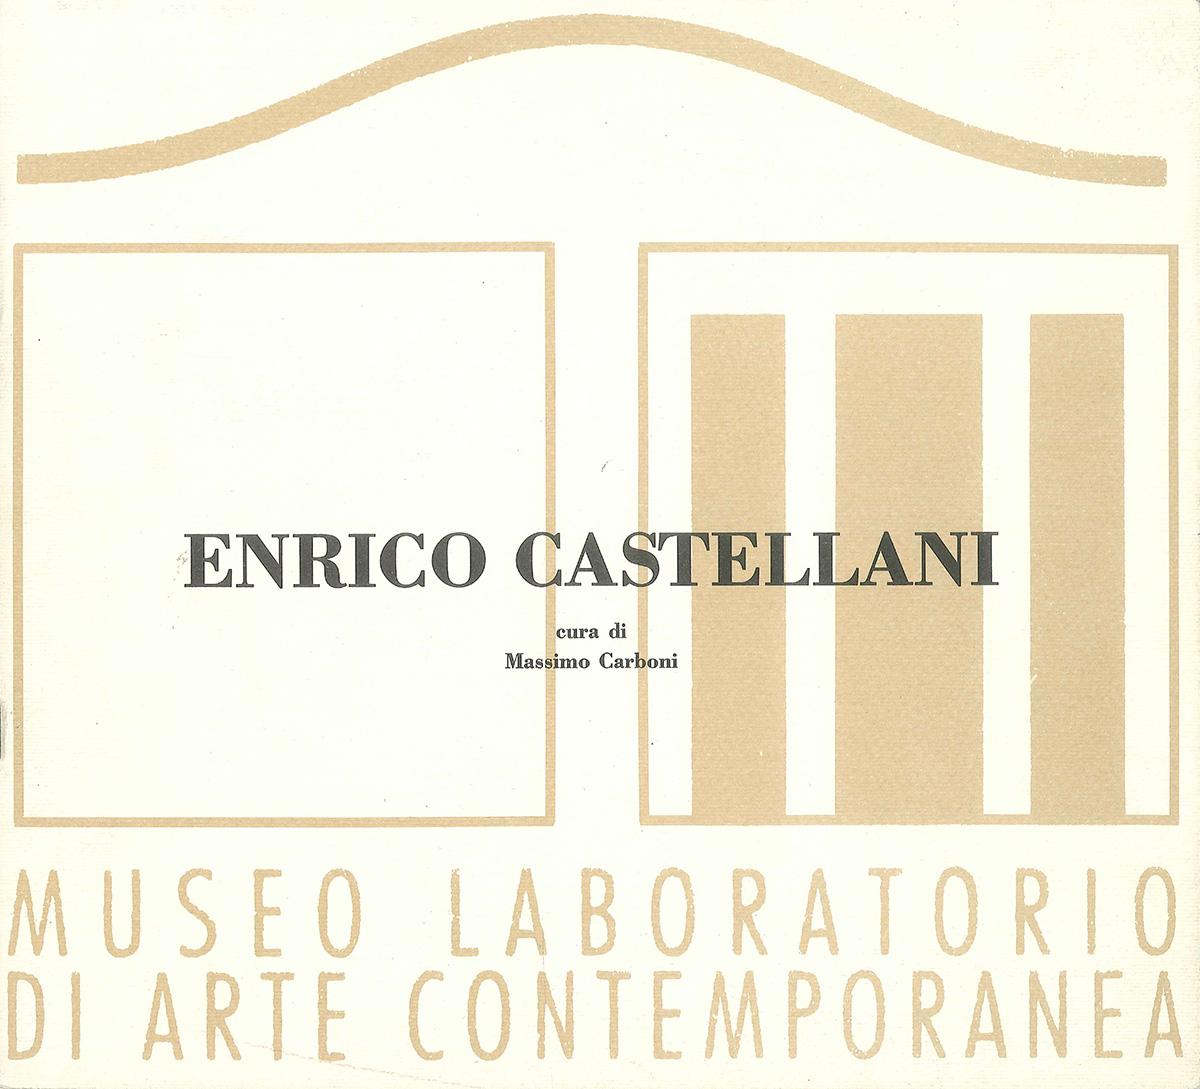 """Copertina - Enrico Castellani. Il minimo passaggio, la minima variazione, Massimo Carboni, 1994, Museo Laboratorio di Arte Contemporanea, Università Degli Studi di Roma """"La Sapienza"""", Roma"""